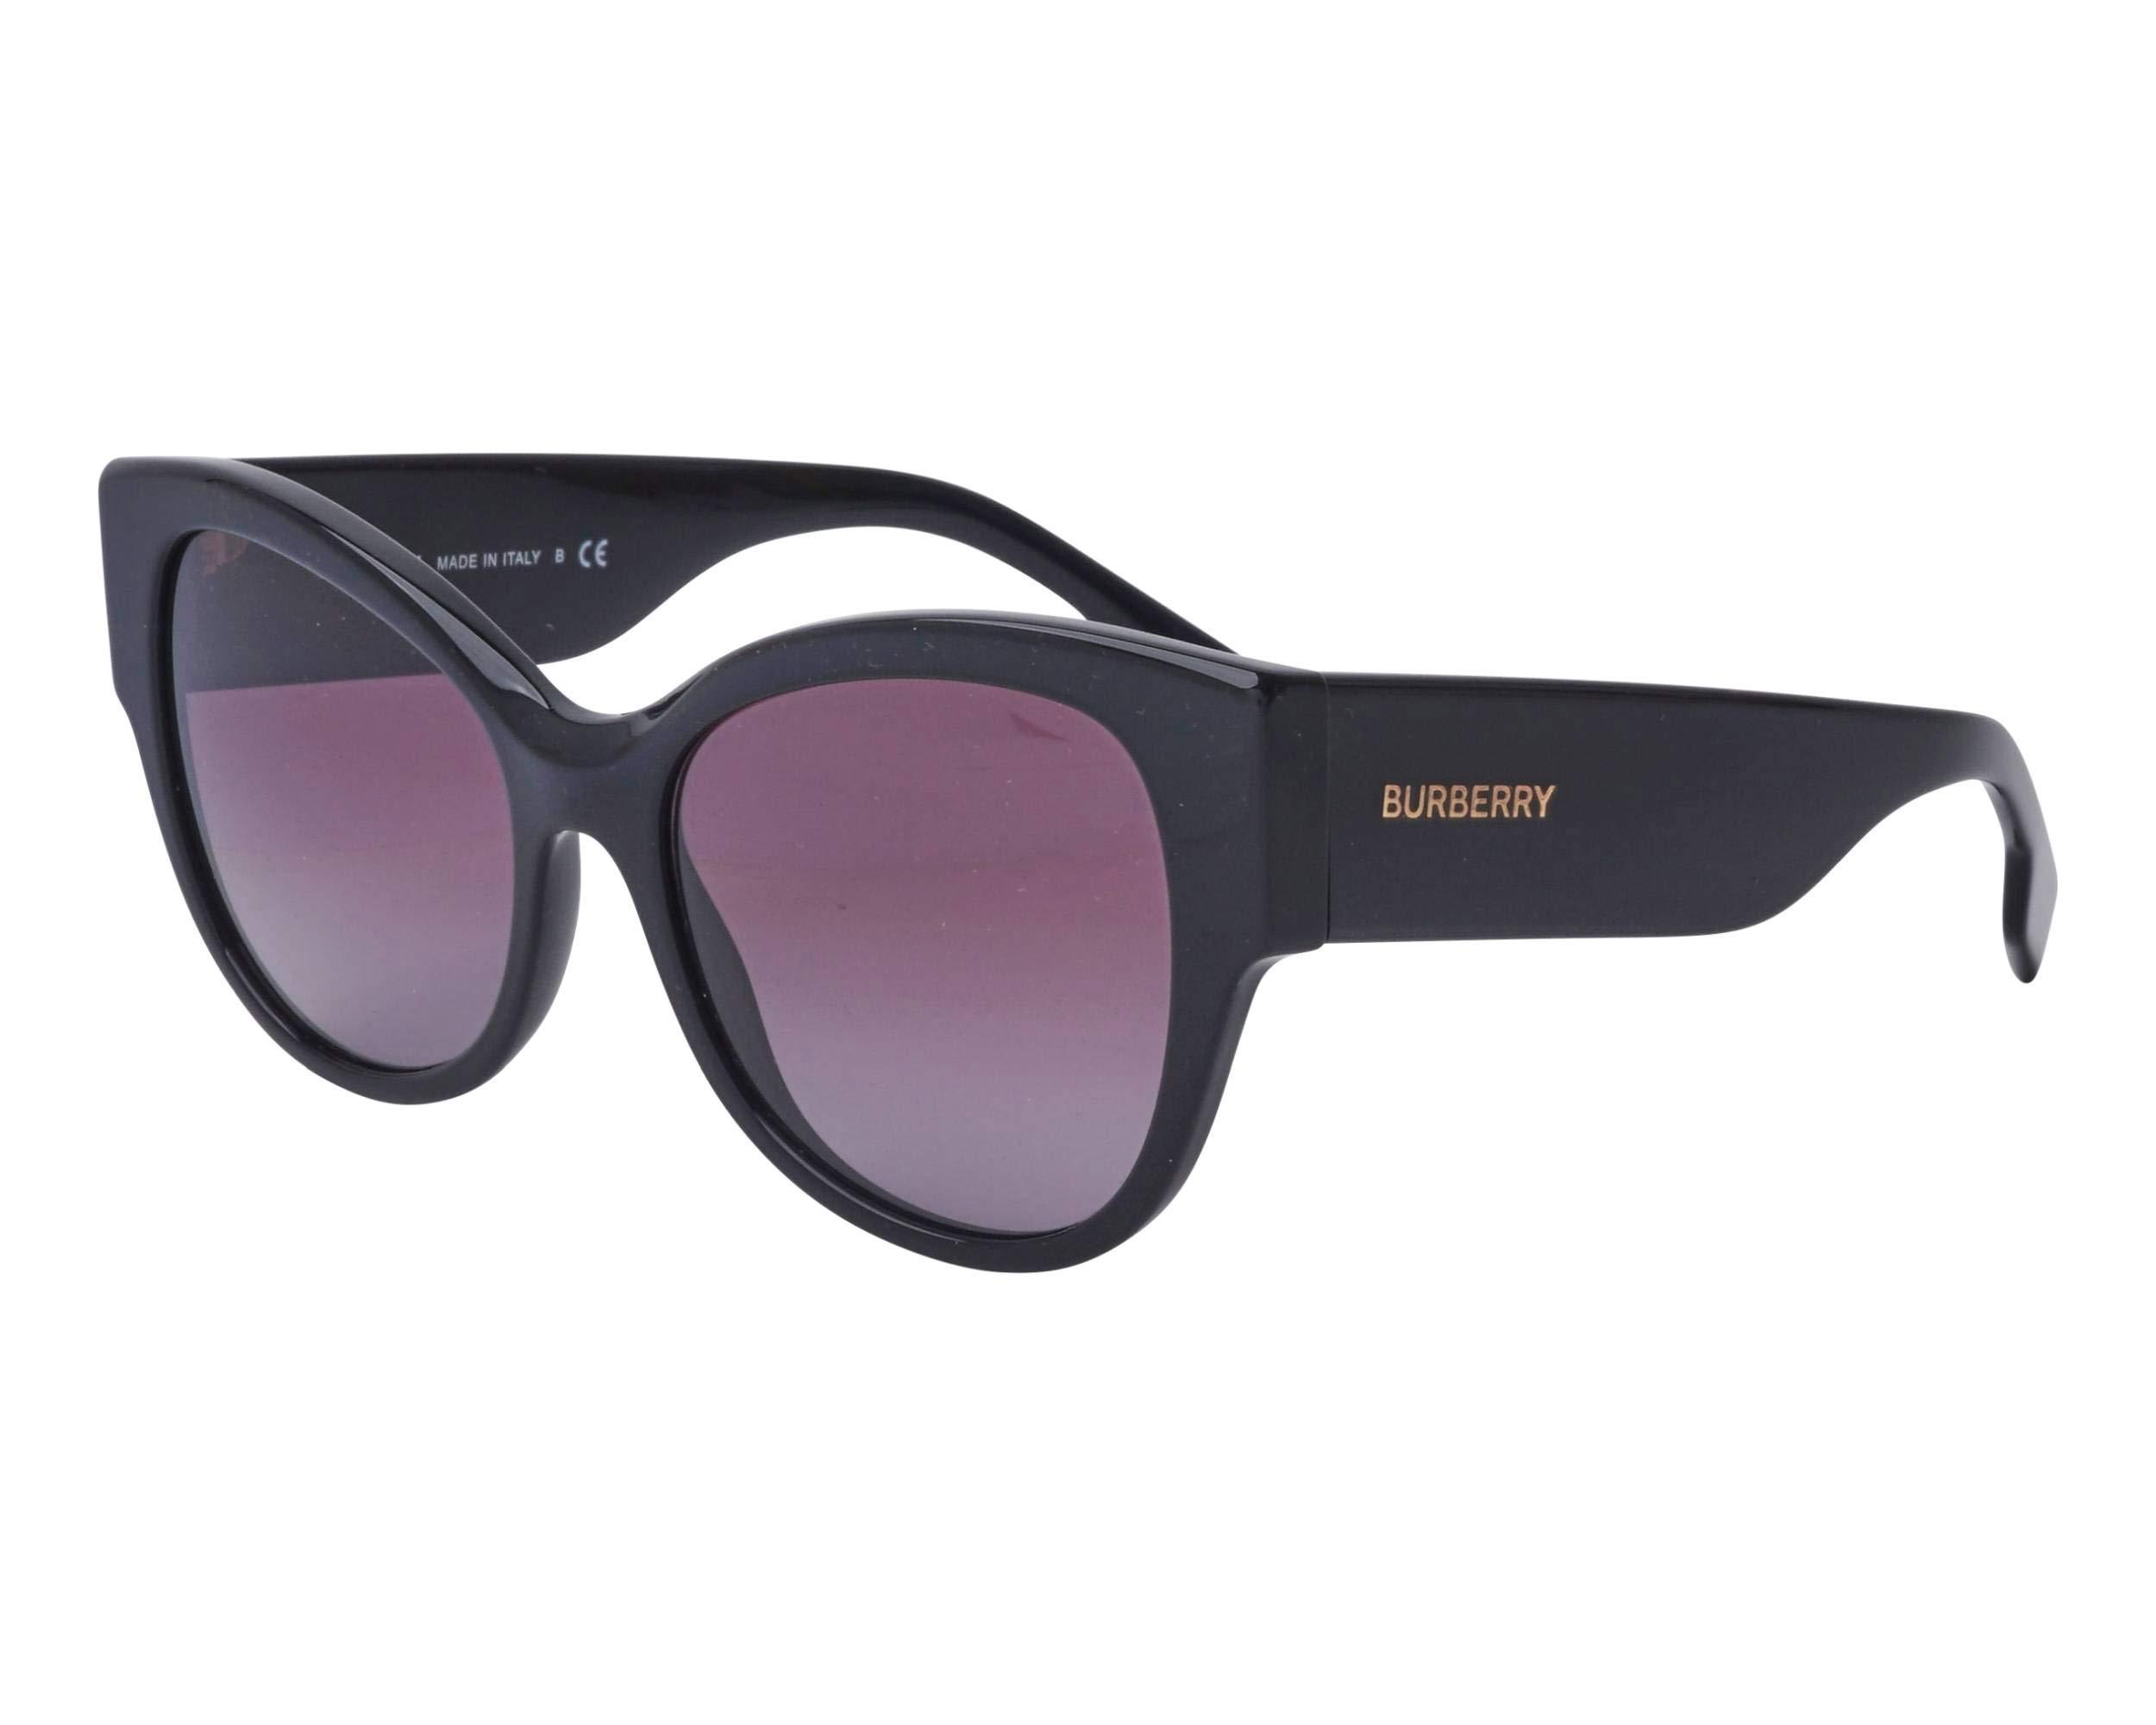 occhiale da sole camillo franchini donna cod 345 _ consegna a domicilio